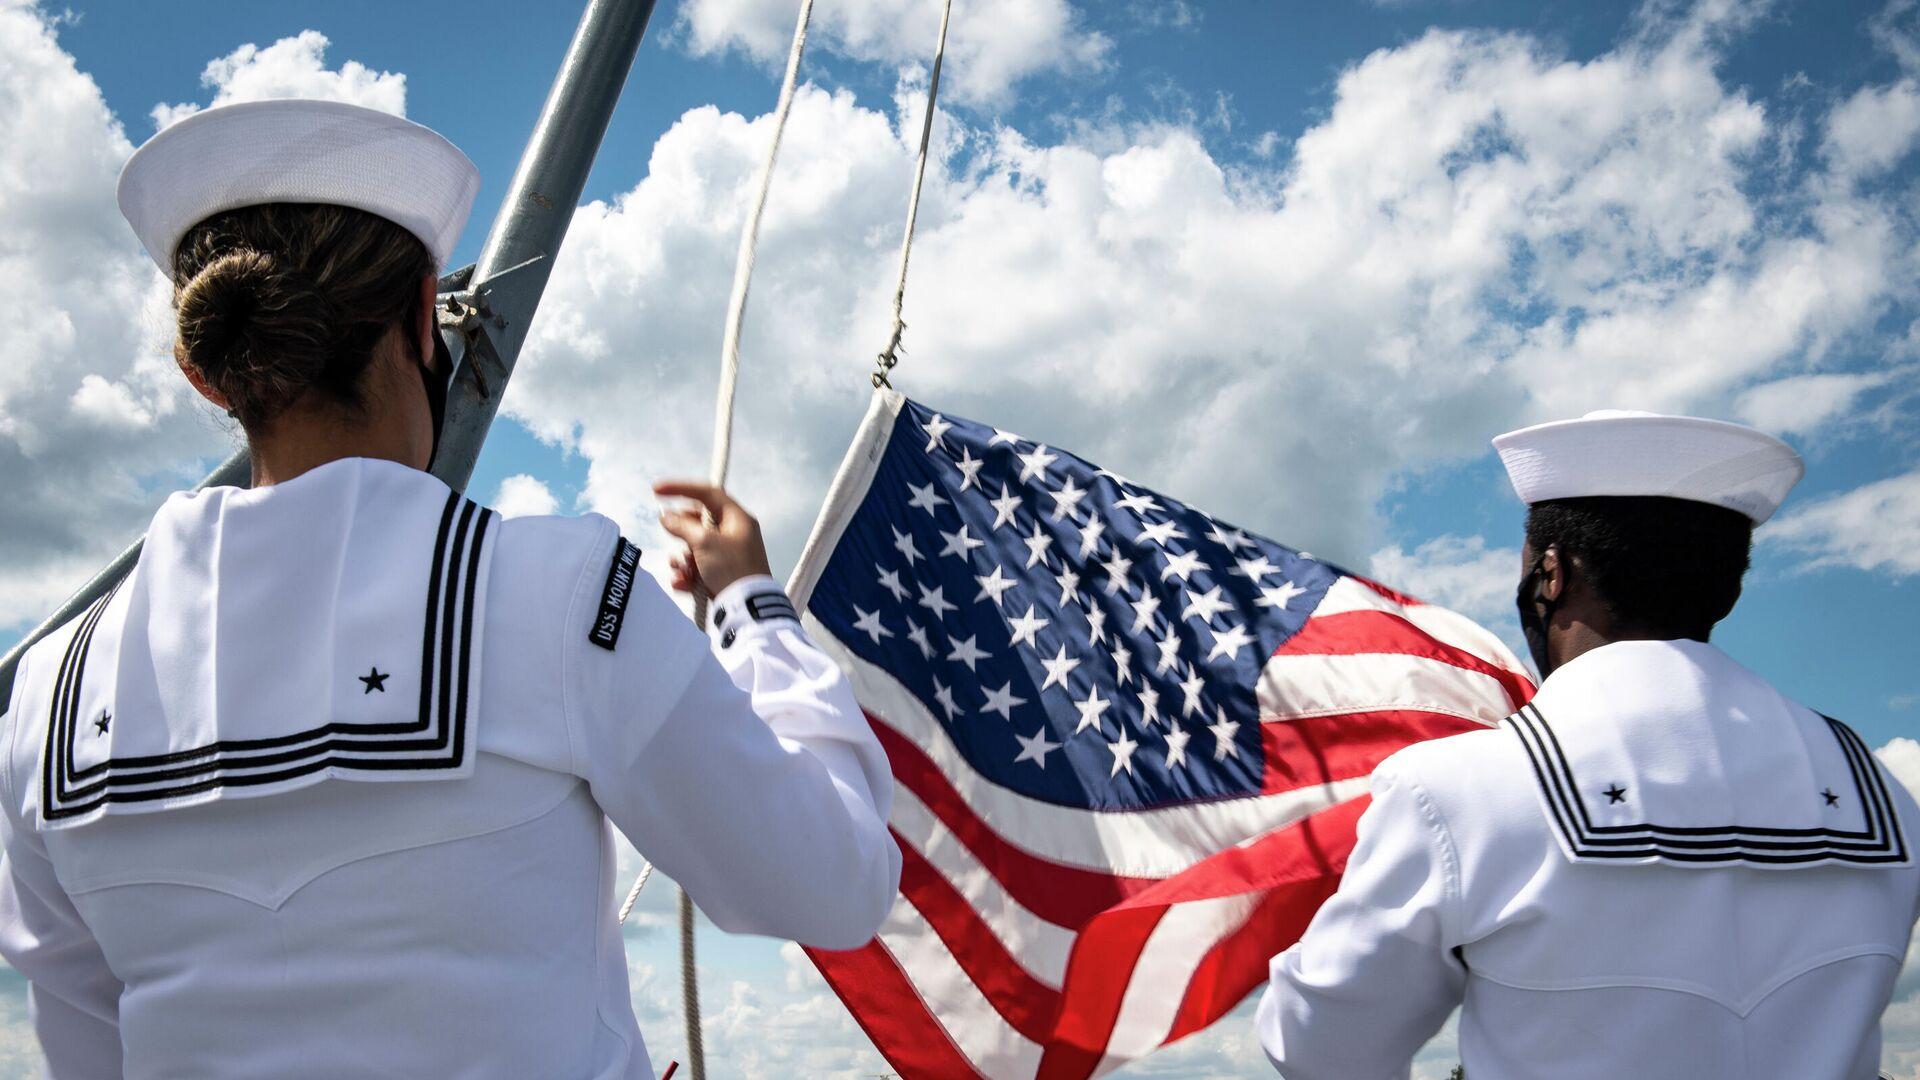 Подъем флага на корабле Маунт Уитни ВМС США - РИА Новости, 1920, 20.12.2020